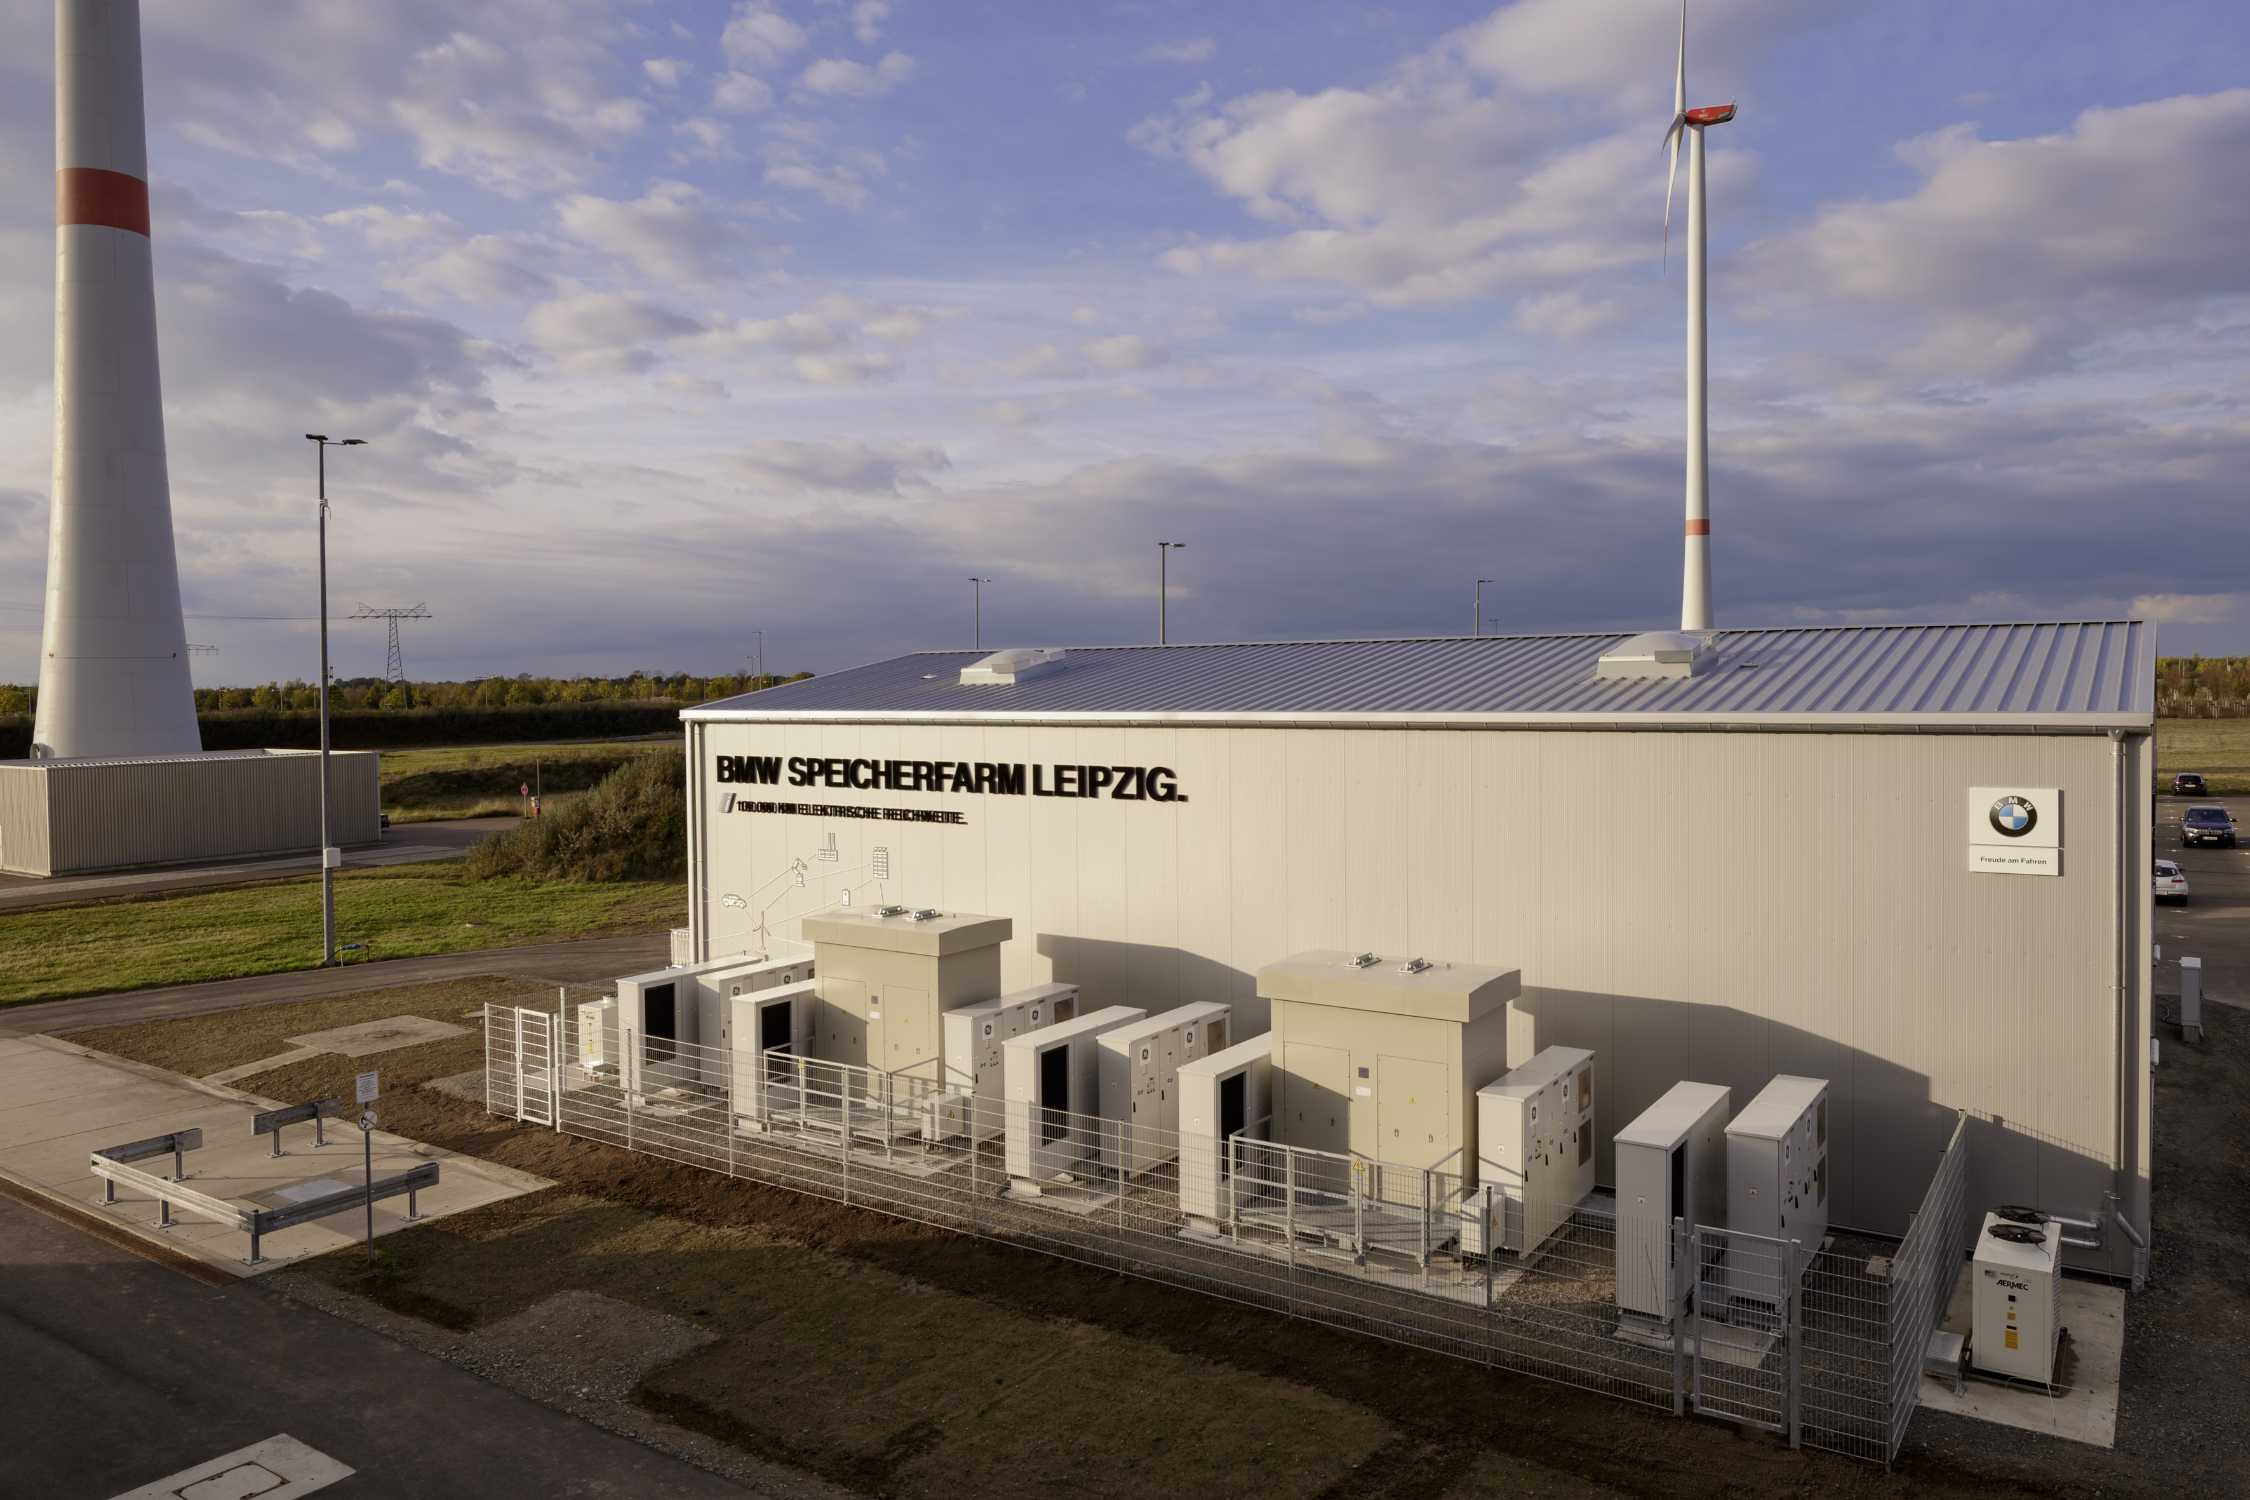 BMW Speicherfarm Leipzig